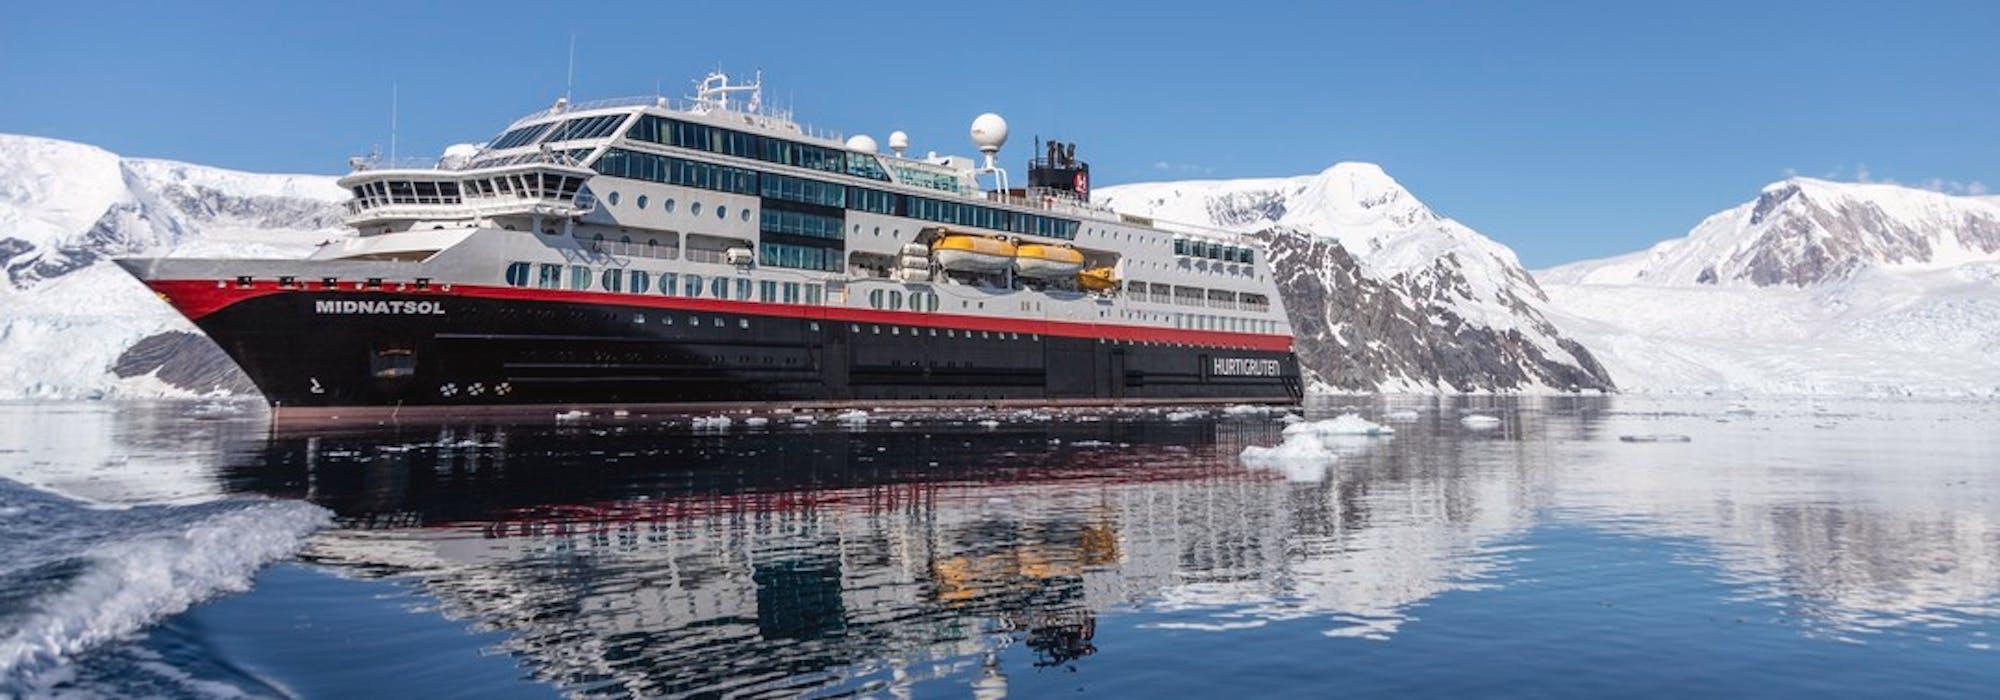 Fartyget MS Eirik Raude, tidigare MS Midnatsol ligger  i vattnet med snötäckta berg runtomkring.